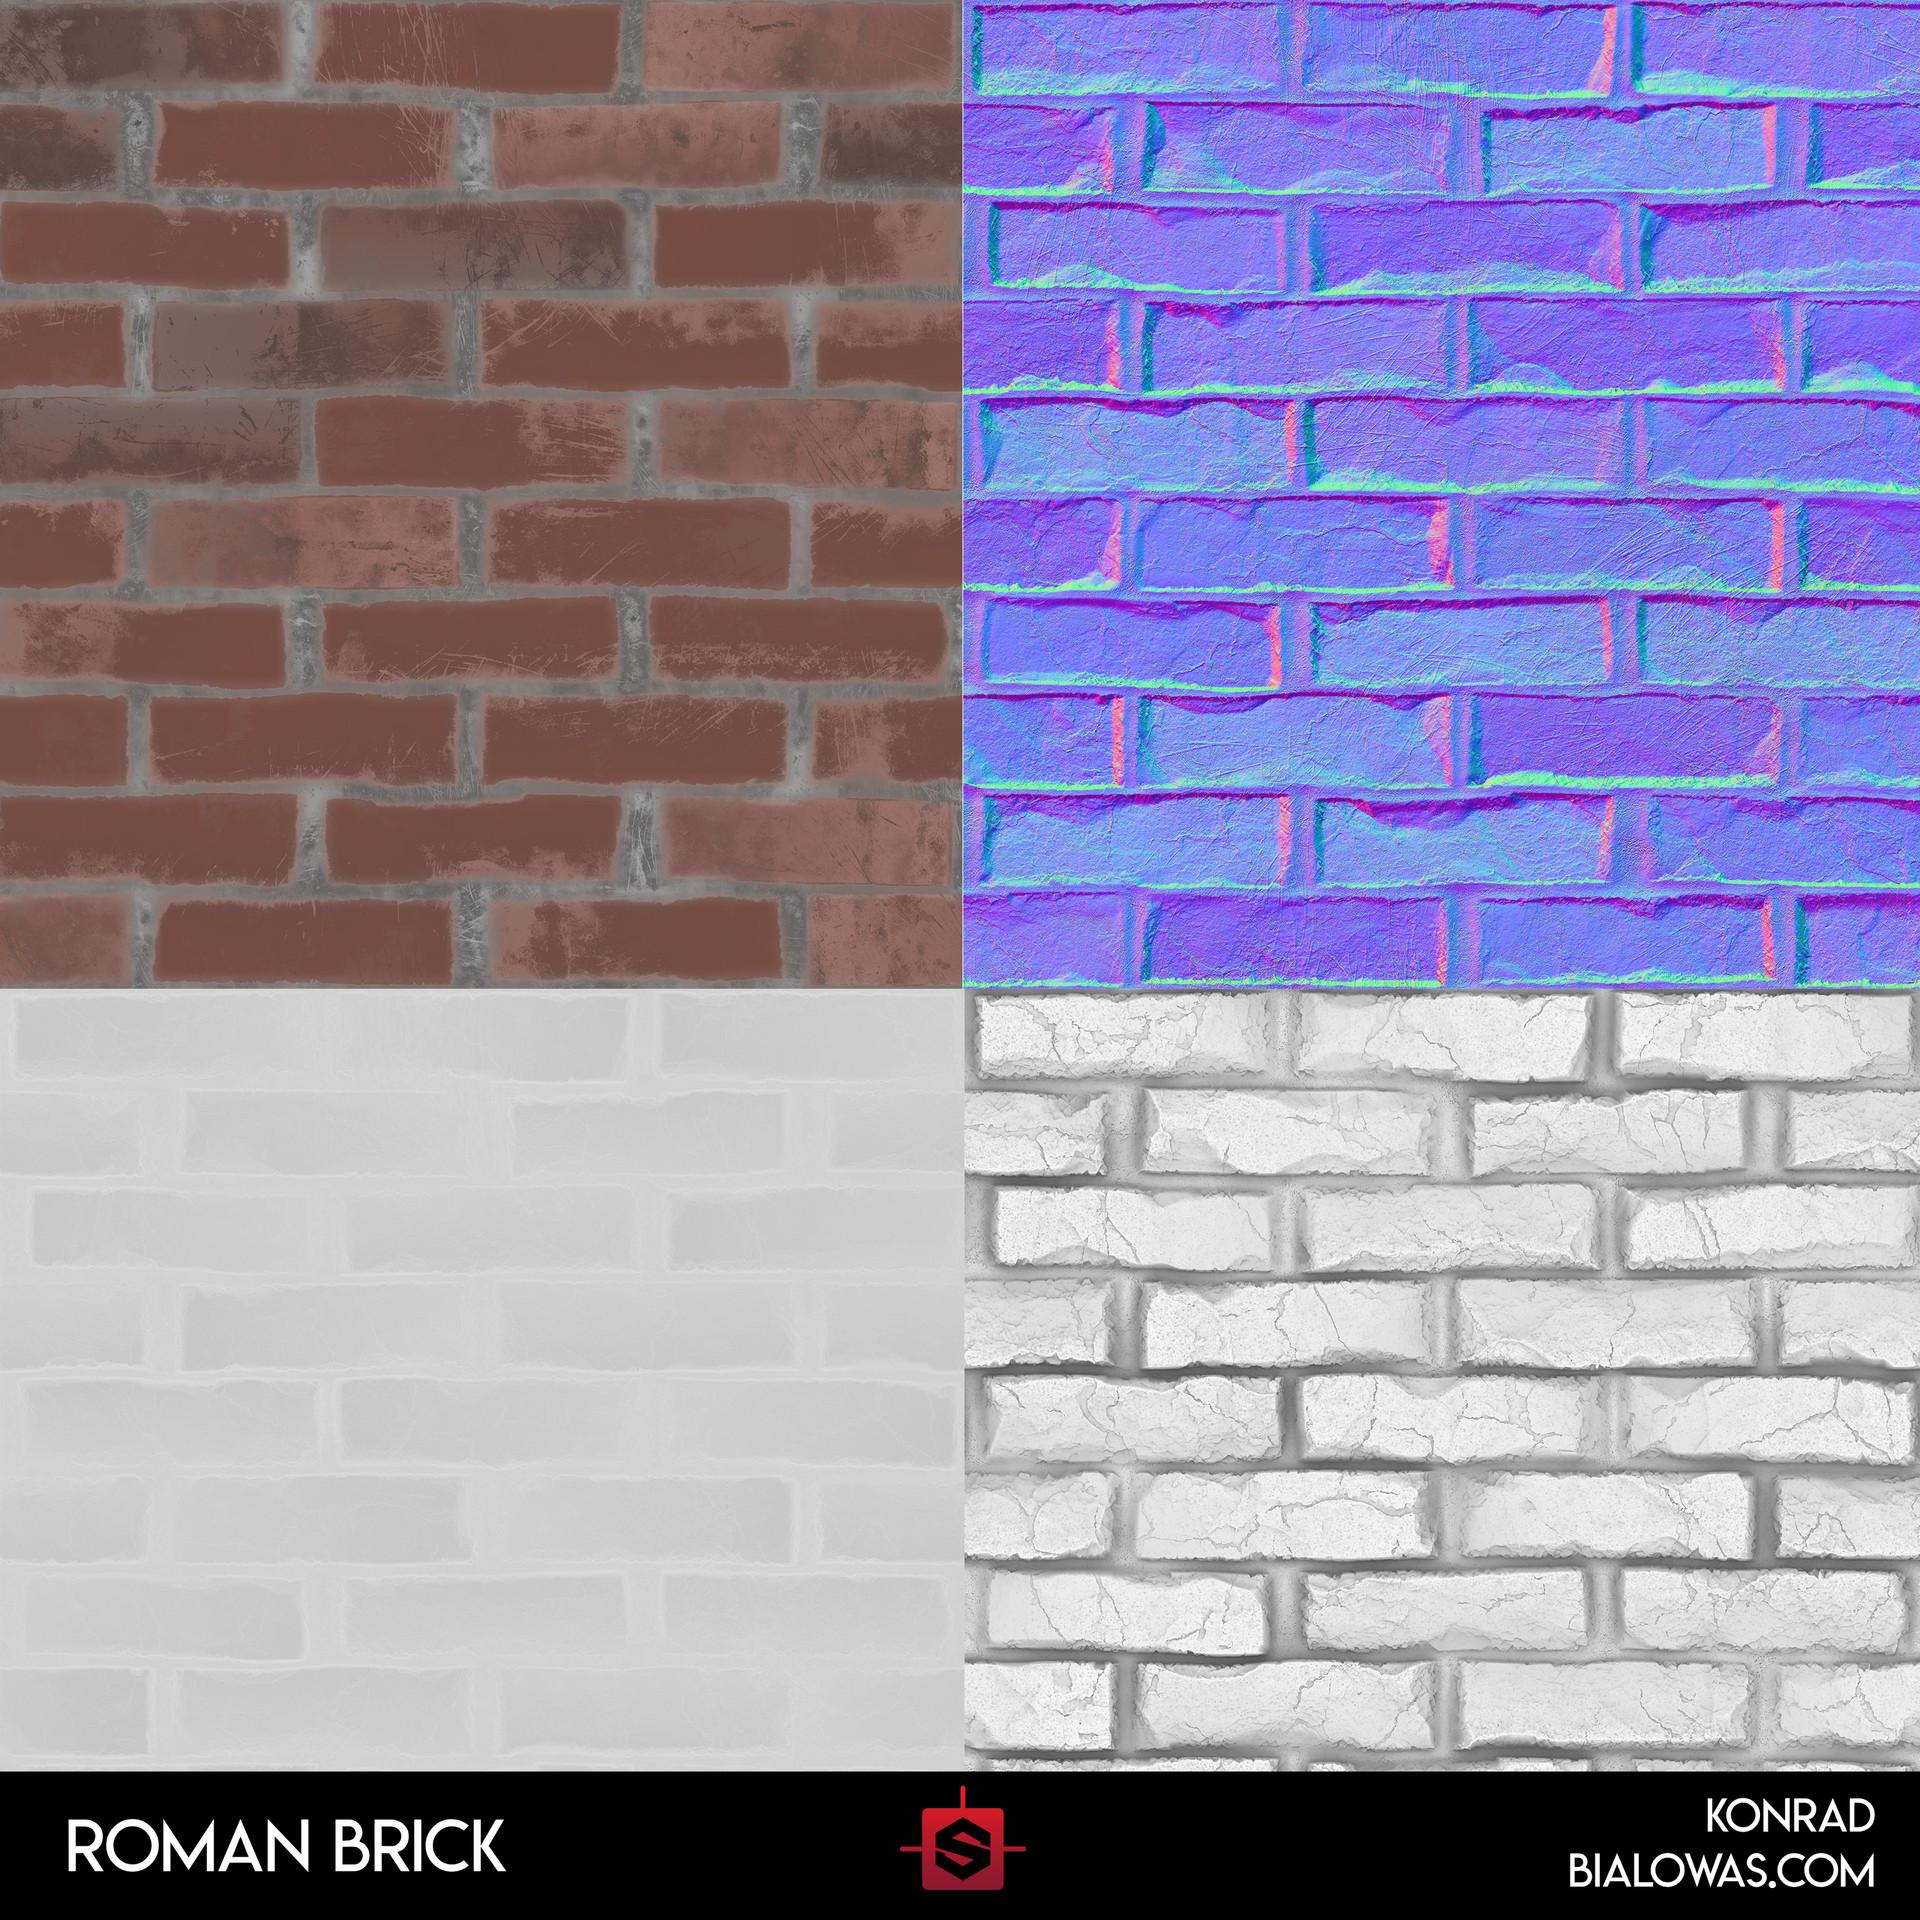 Konrx bialowas brick2